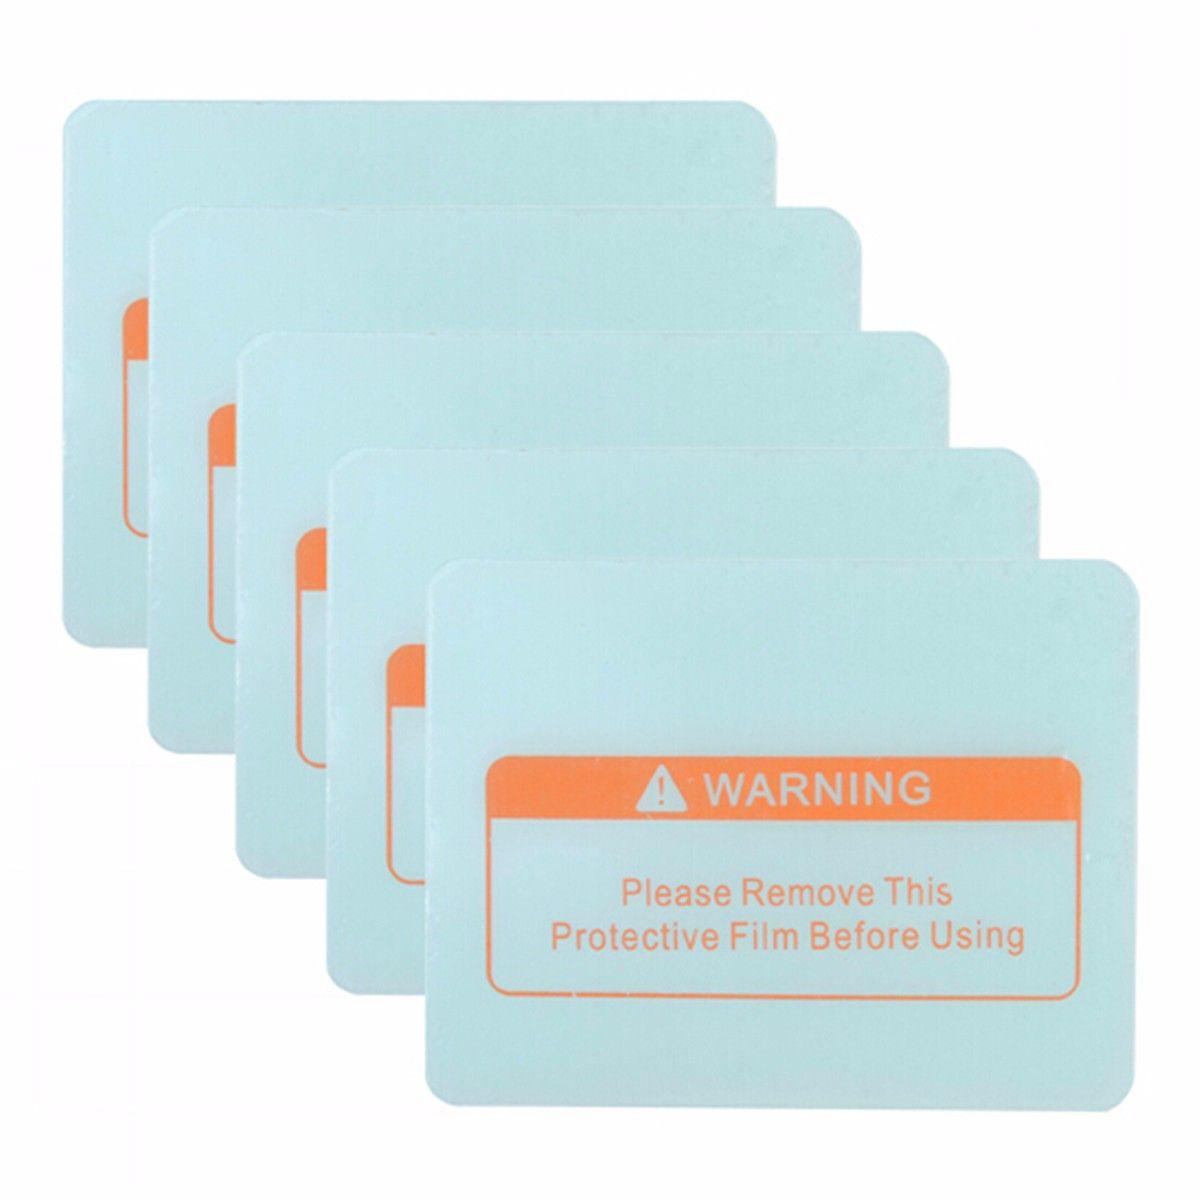 5 Stücke Auto Verdunkelung Schweißhelm Maske Objektivabdeckung Schutzfolie Schutz PVC